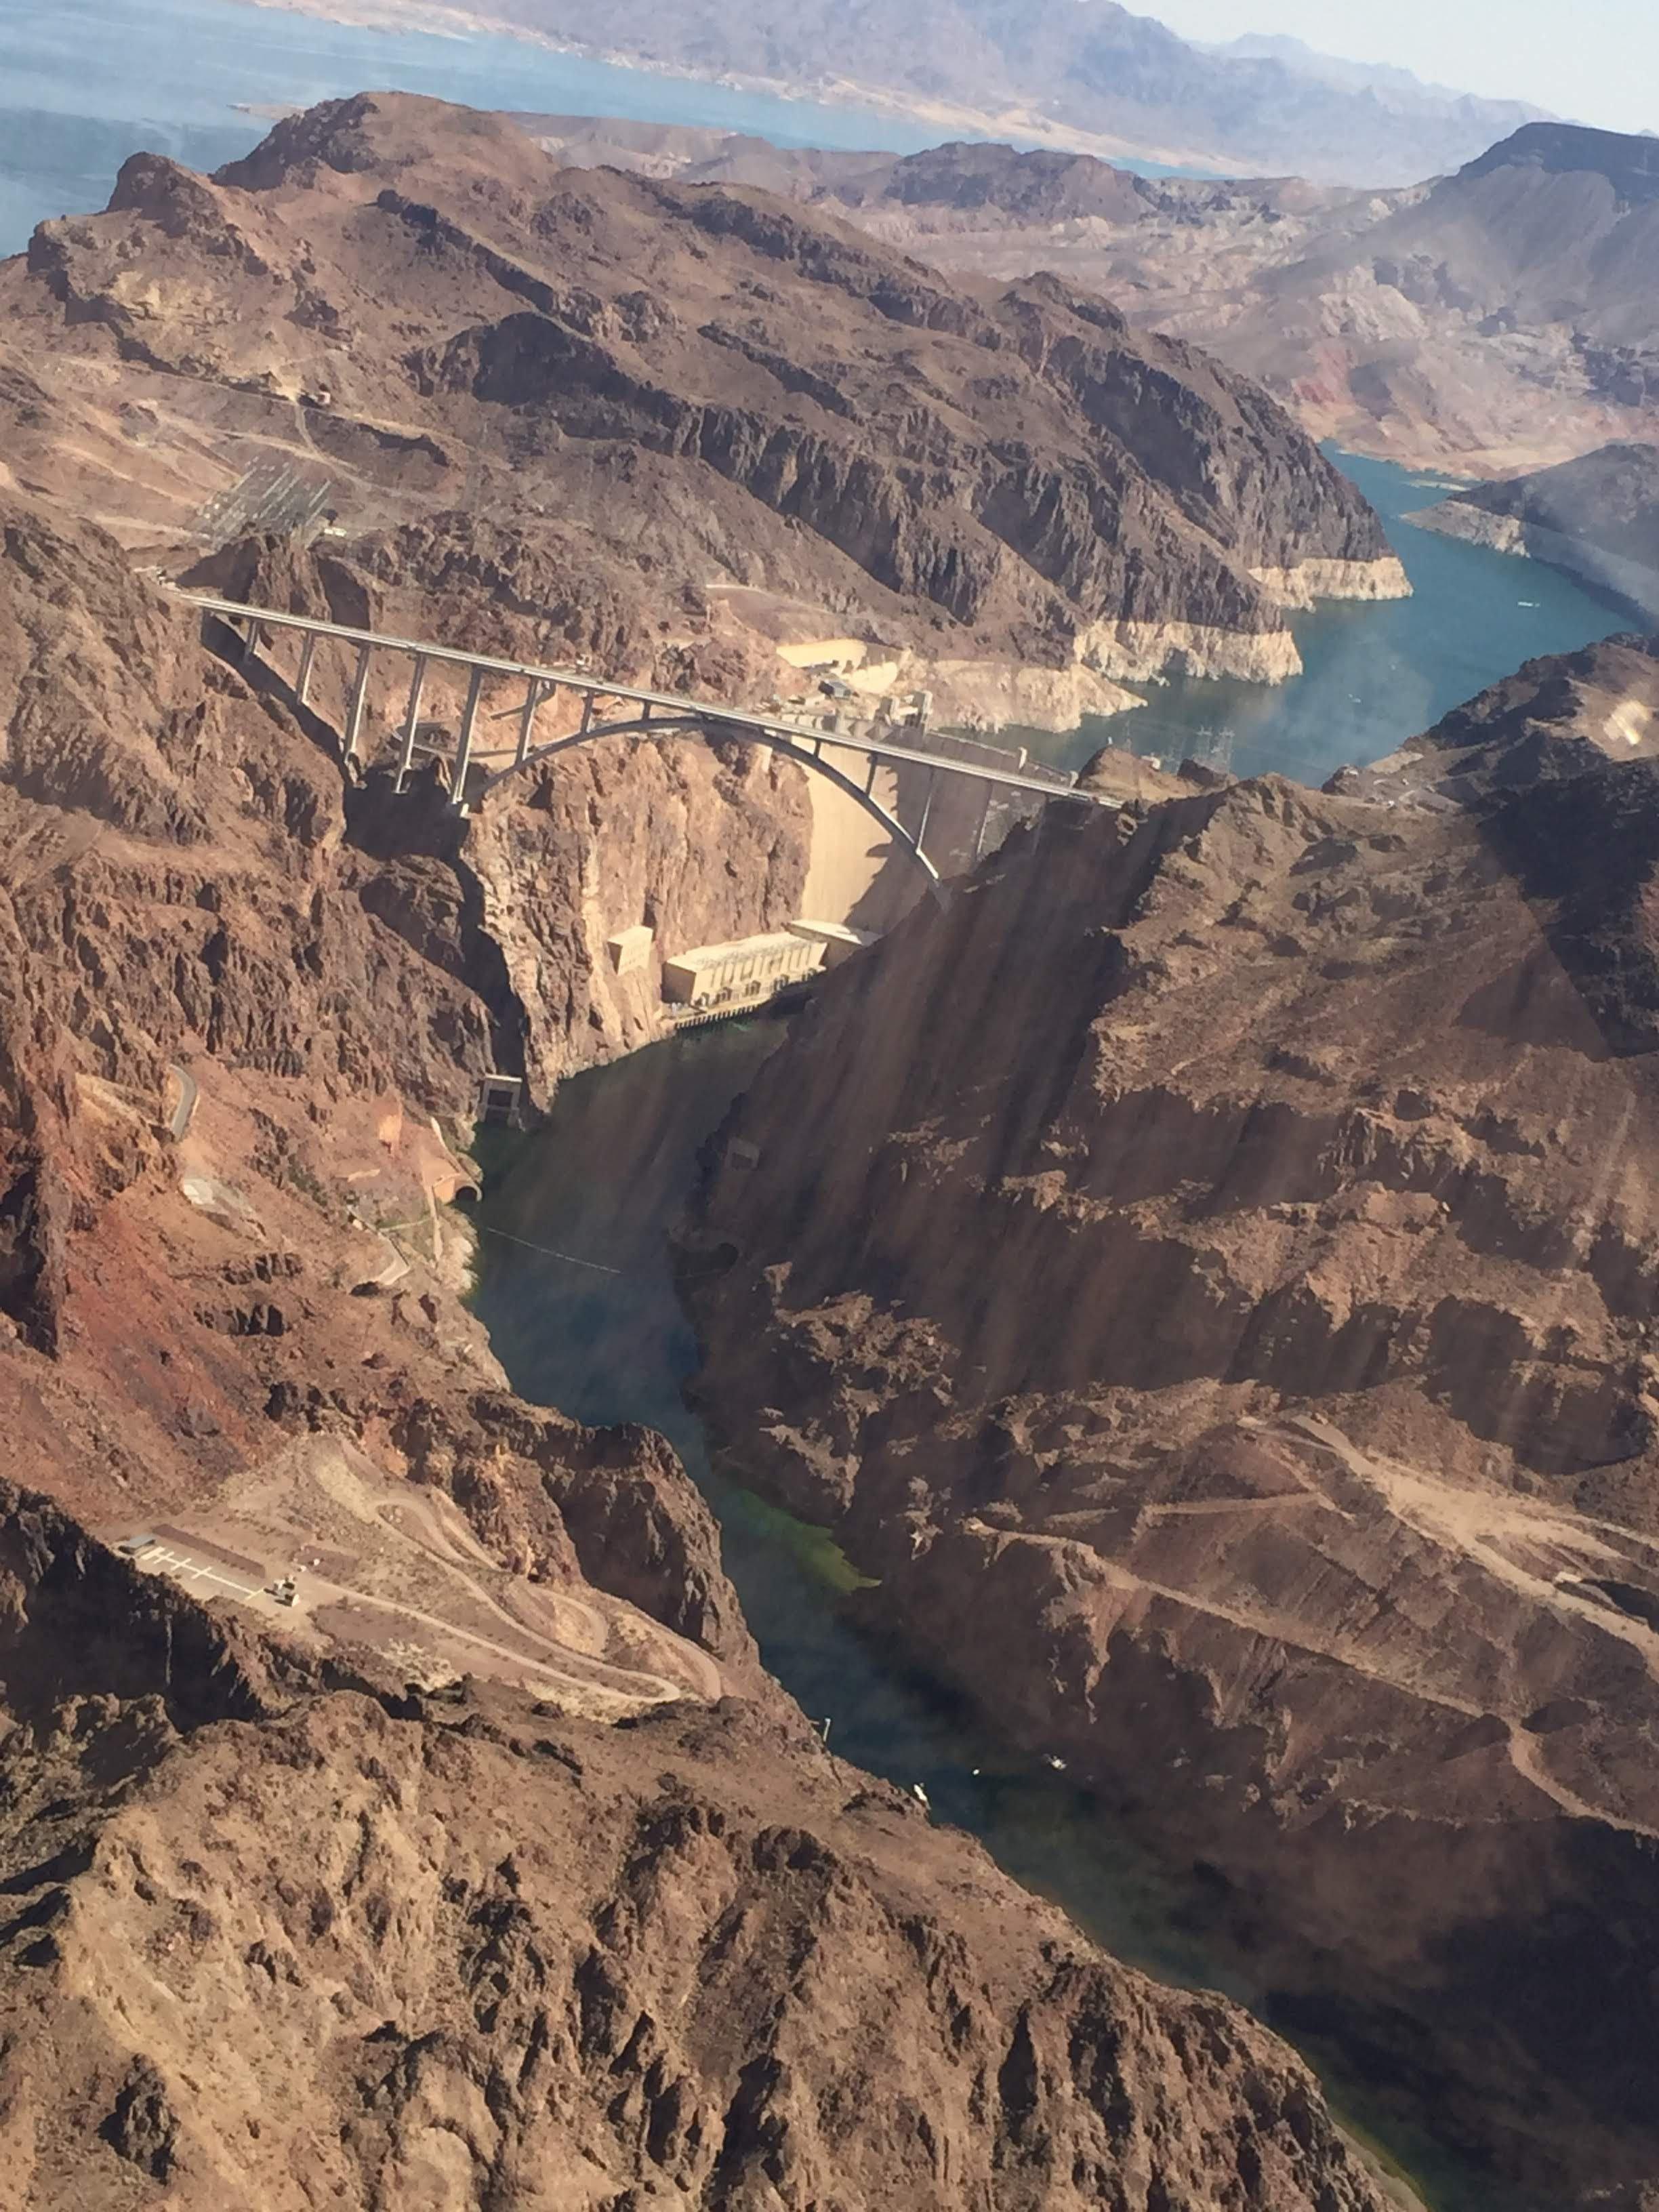 Vista aérea sobre el Gran Cañón en Estados Unidos